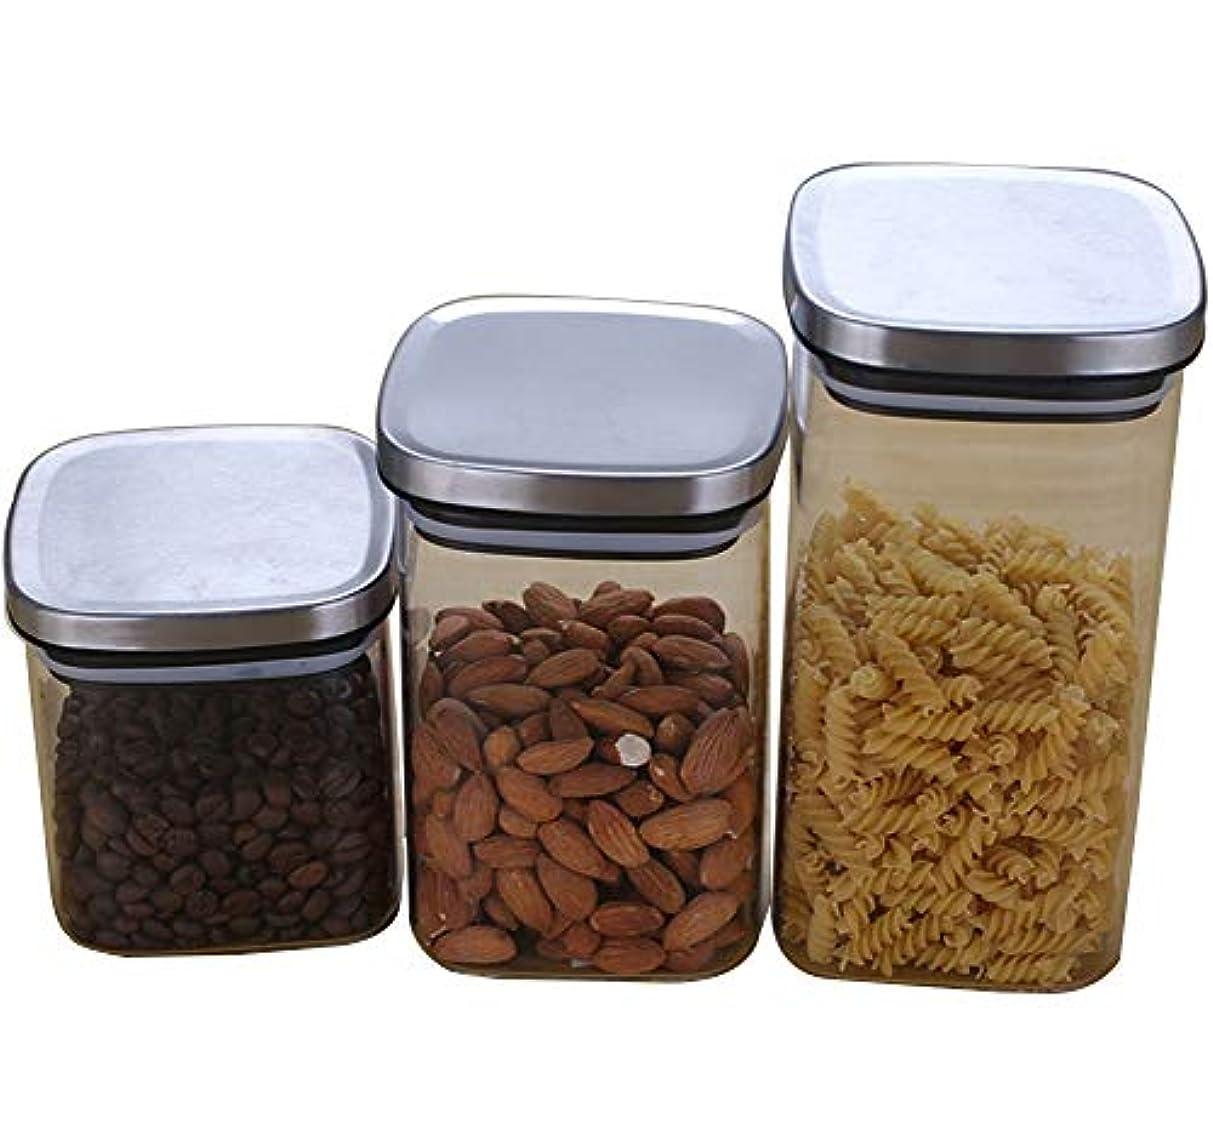 洗練された階層分析3つの透明ガラスの貯蔵瓶パックは、ドライフルーツ/キャンディ/お茶の貯蔵瓶を密閉タンク